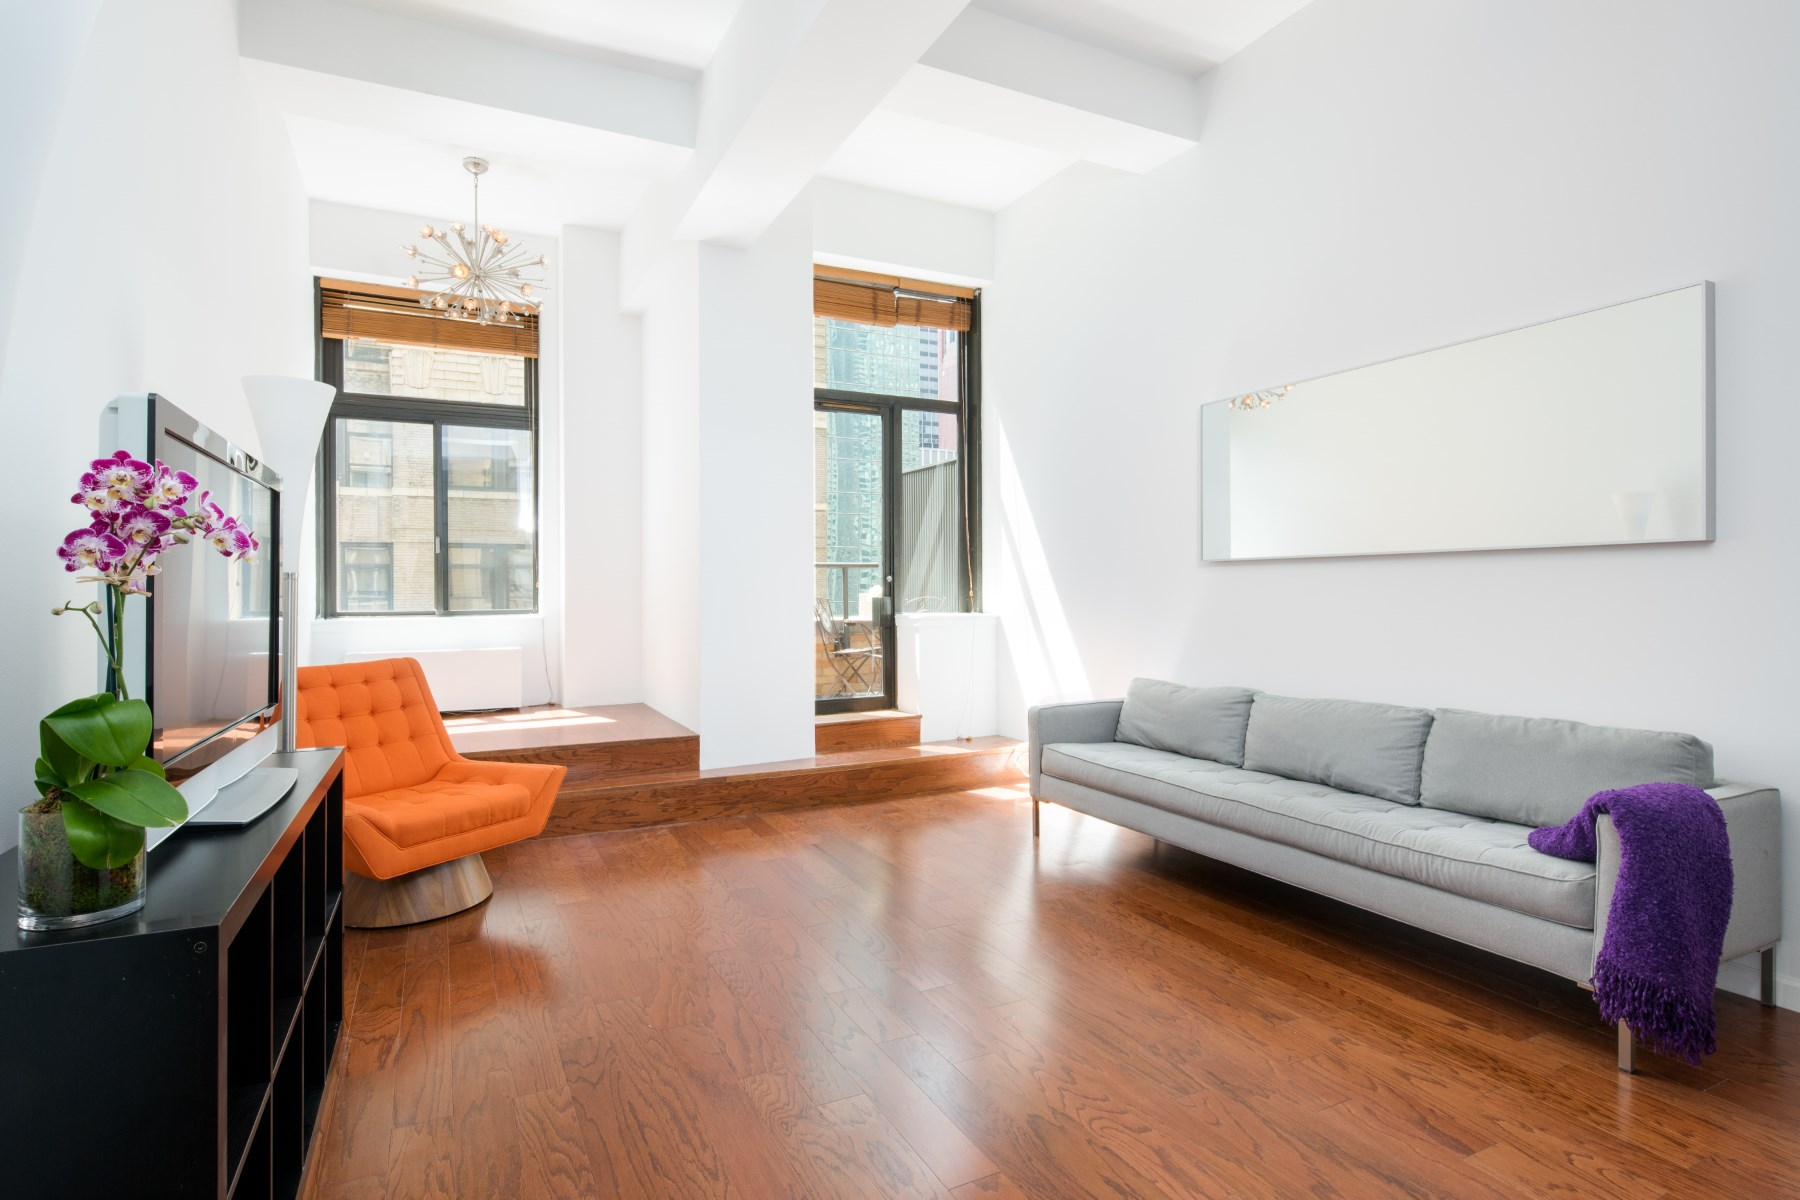 Кооперативная квартира для того Продажа на 310 East 46th Street, Apt 8U 310 East 46th Street Apt 8U Midtown East, New York, Нью-Йорк, 10017 Соединенные Штаты